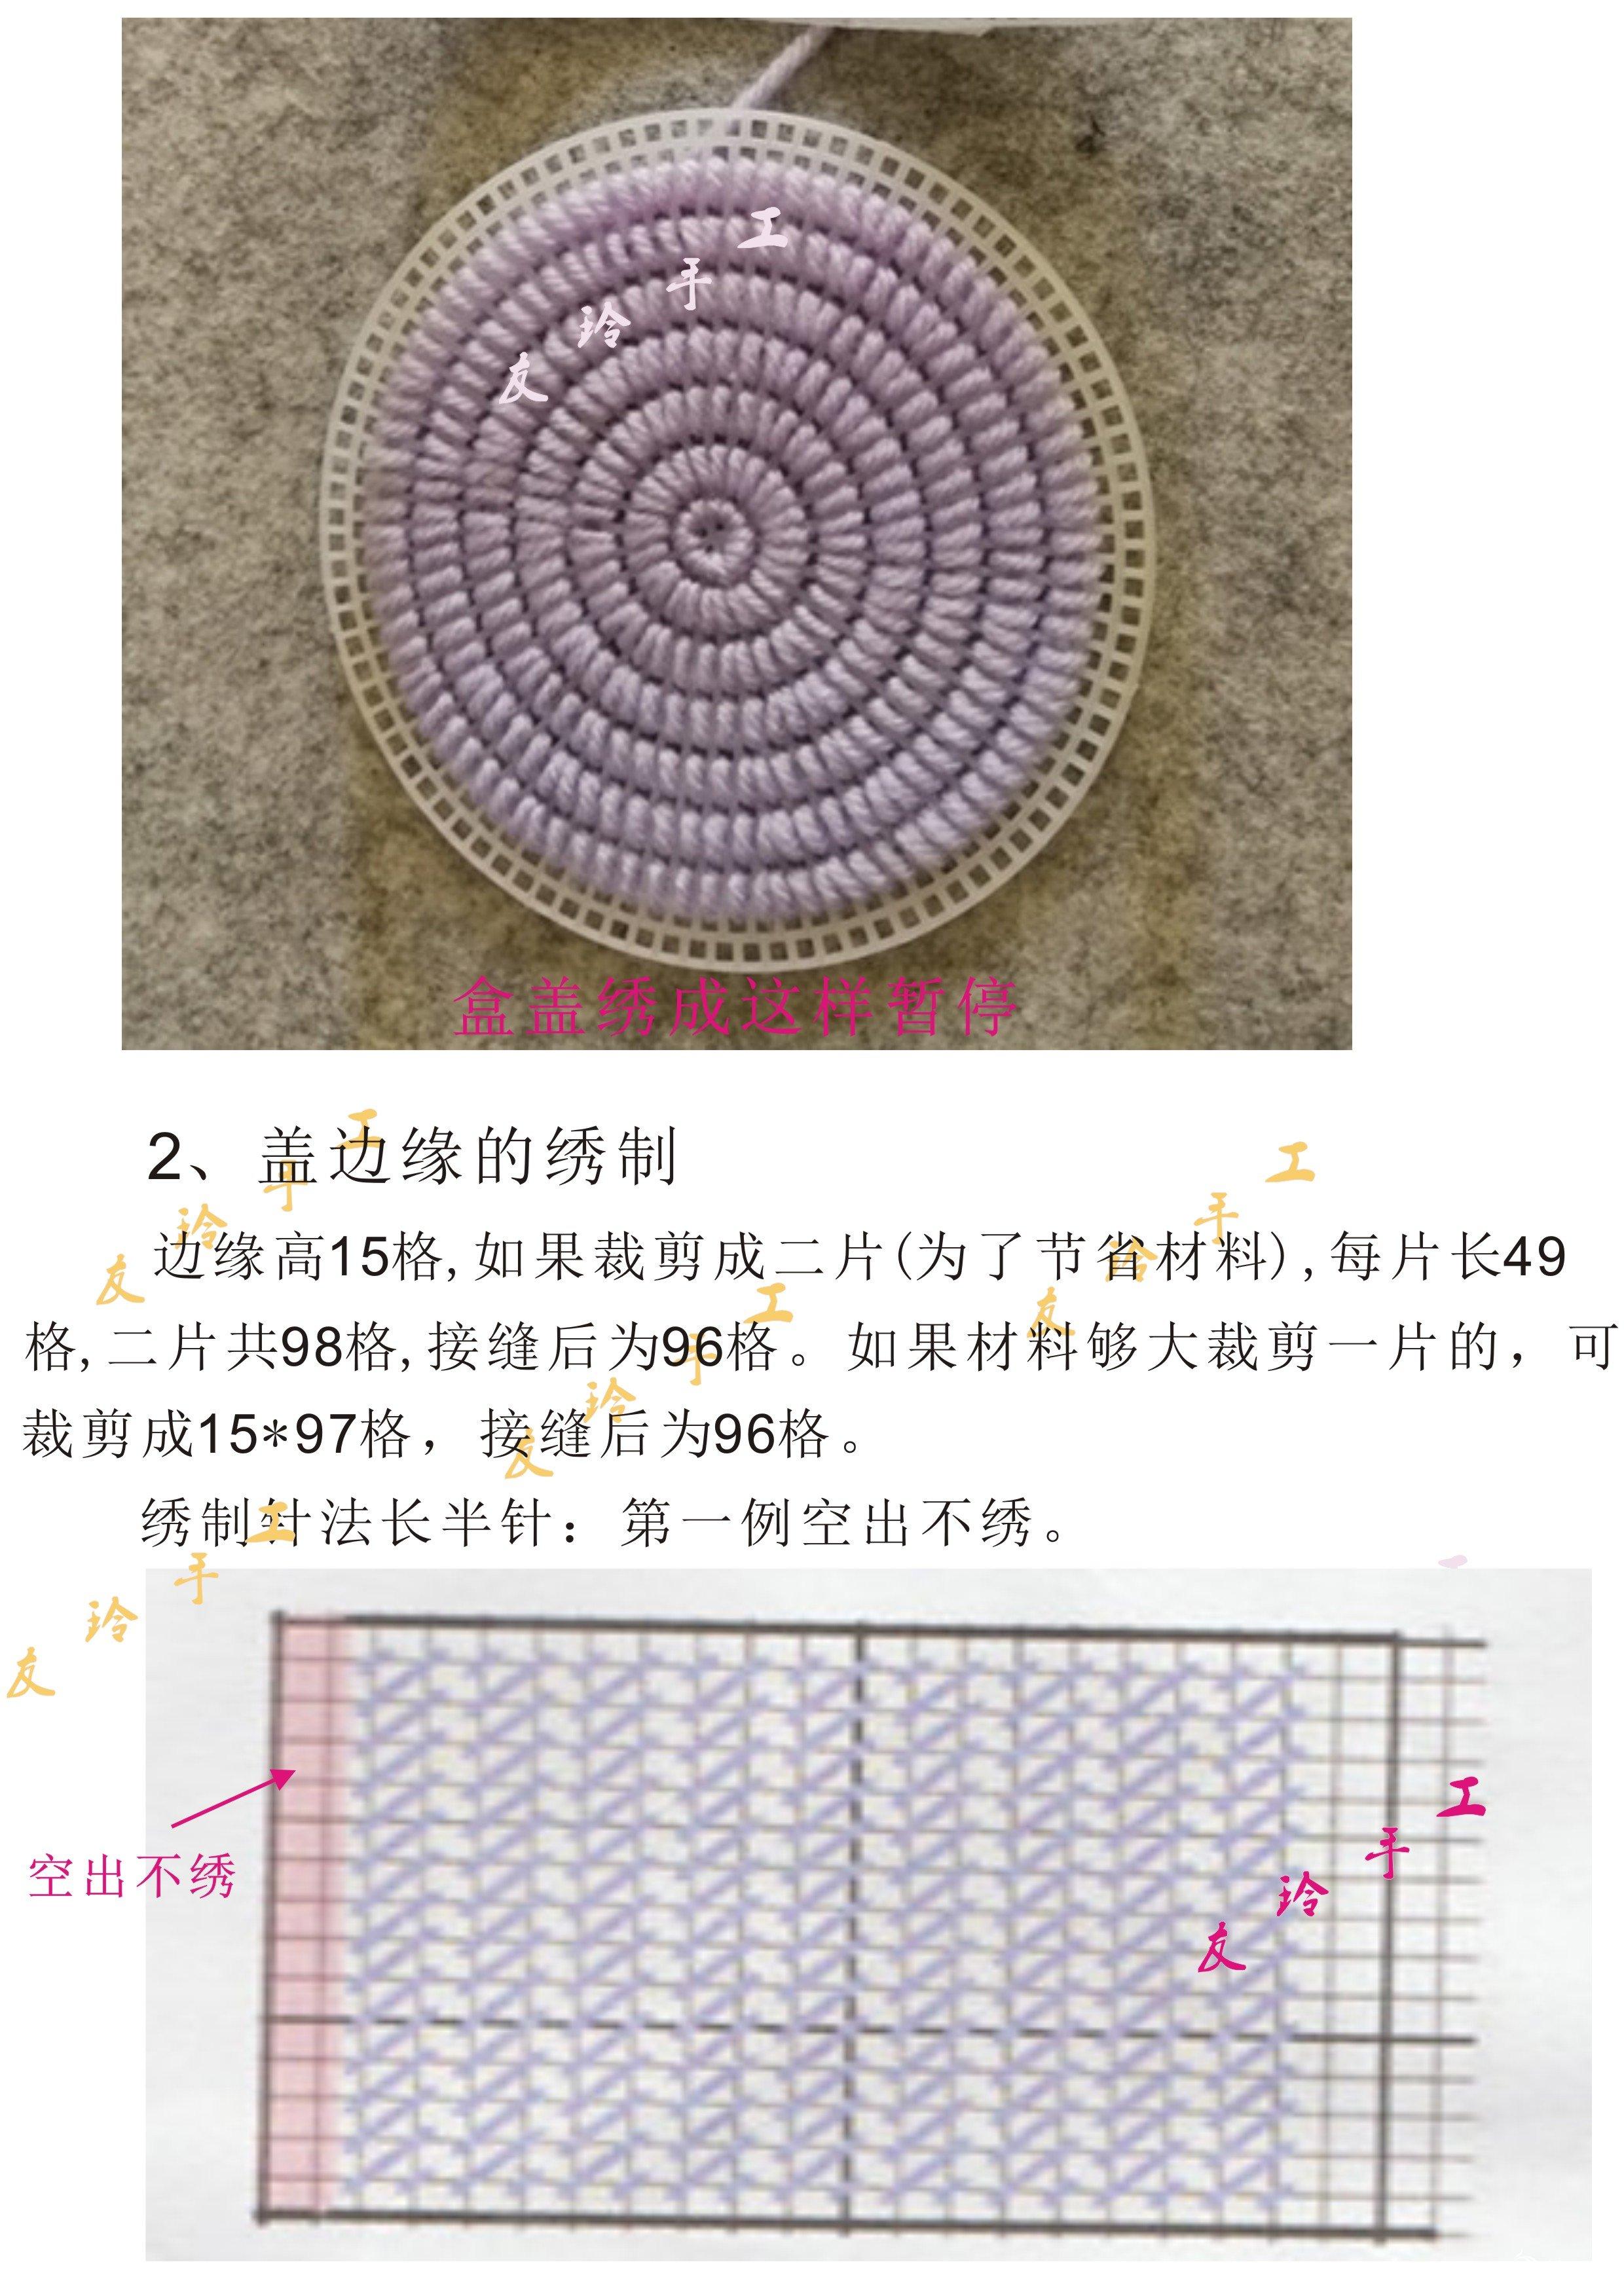 小天鹅手饰盒制作过程二.jpg